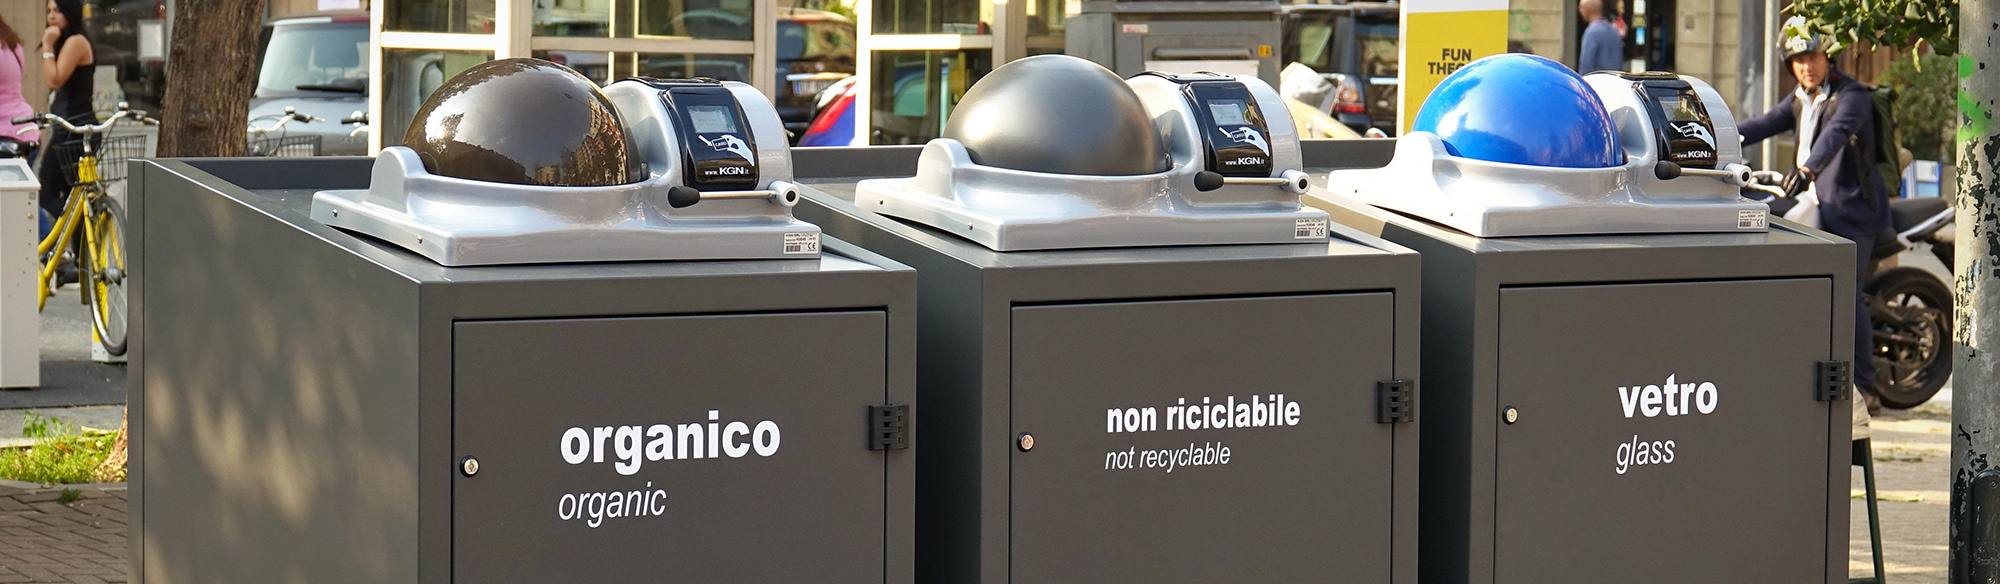 smartcity - rifiuti intelligenti